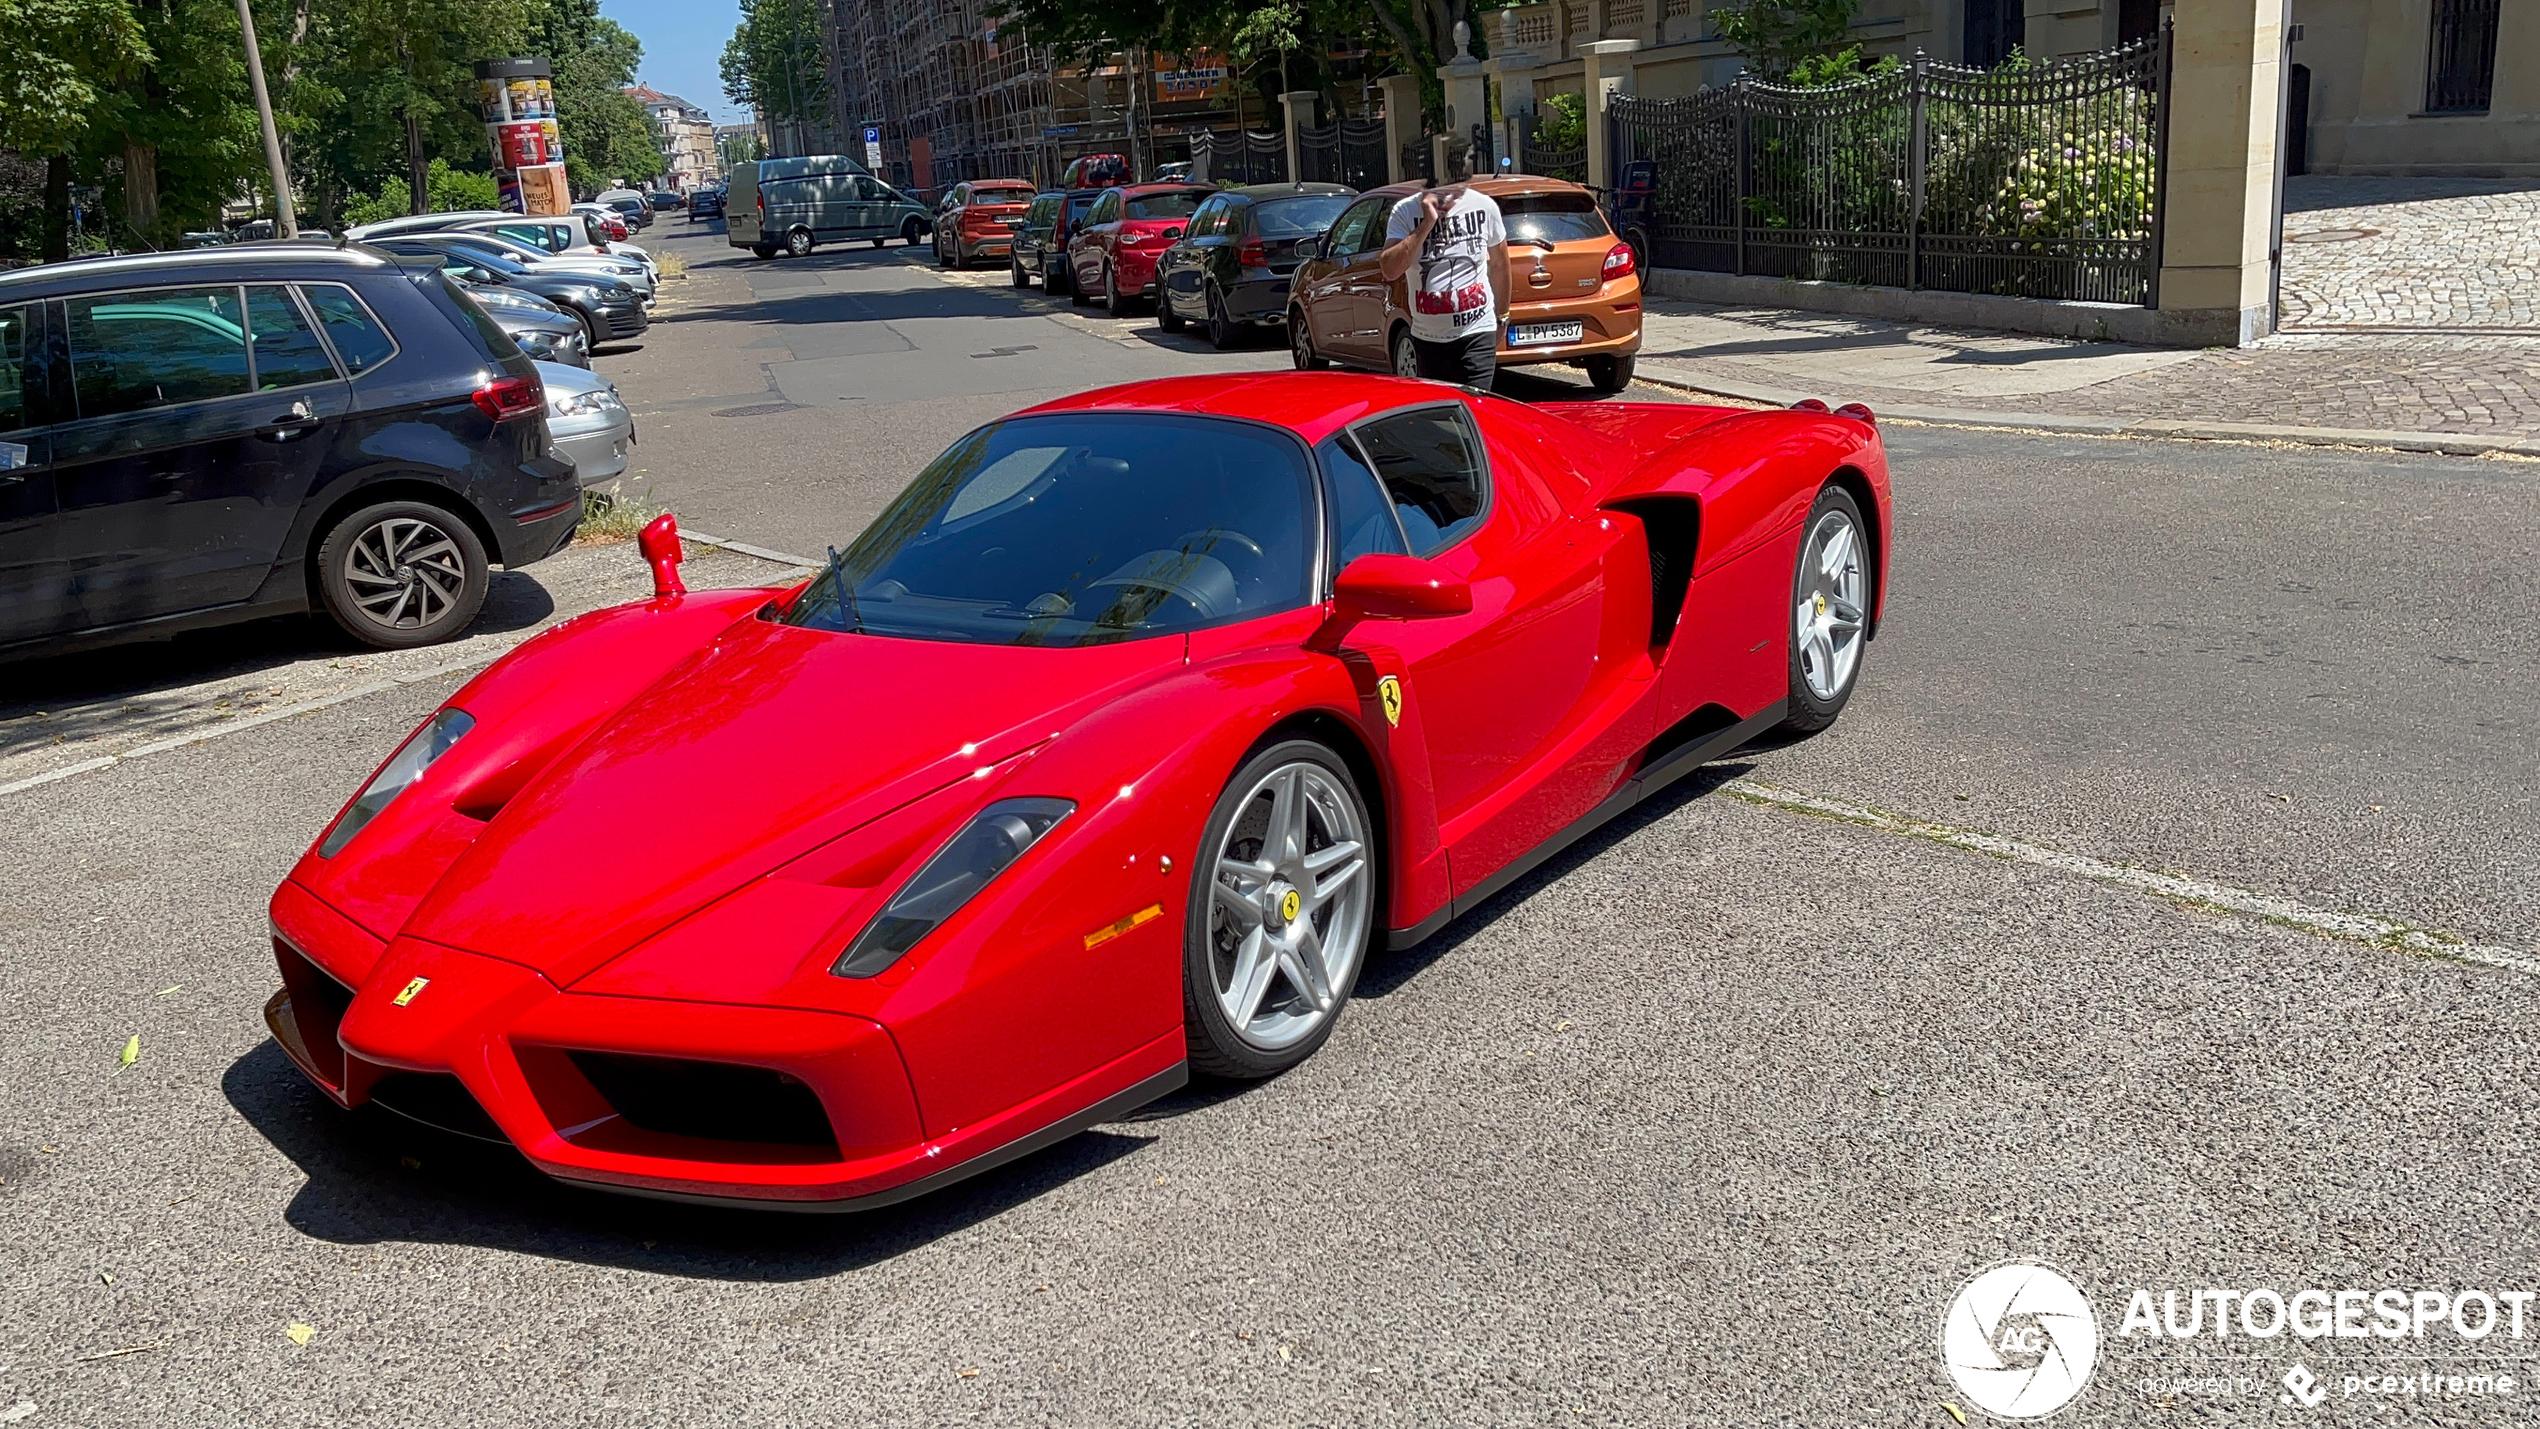 Met deze Ferrari Enzo Ferrari duiken we het weekend in